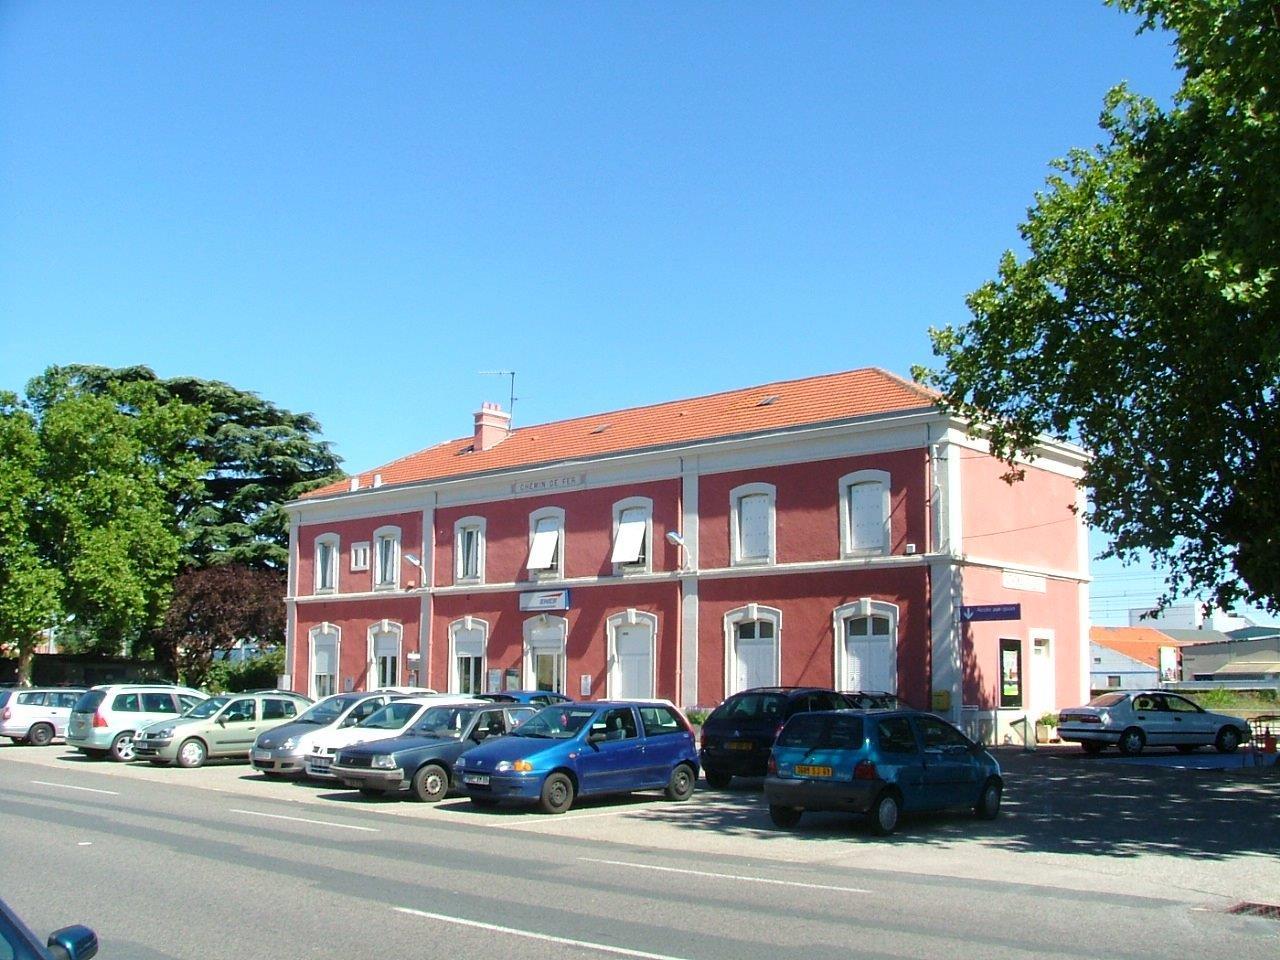 gare-de-sathonay-rillieux-train-station